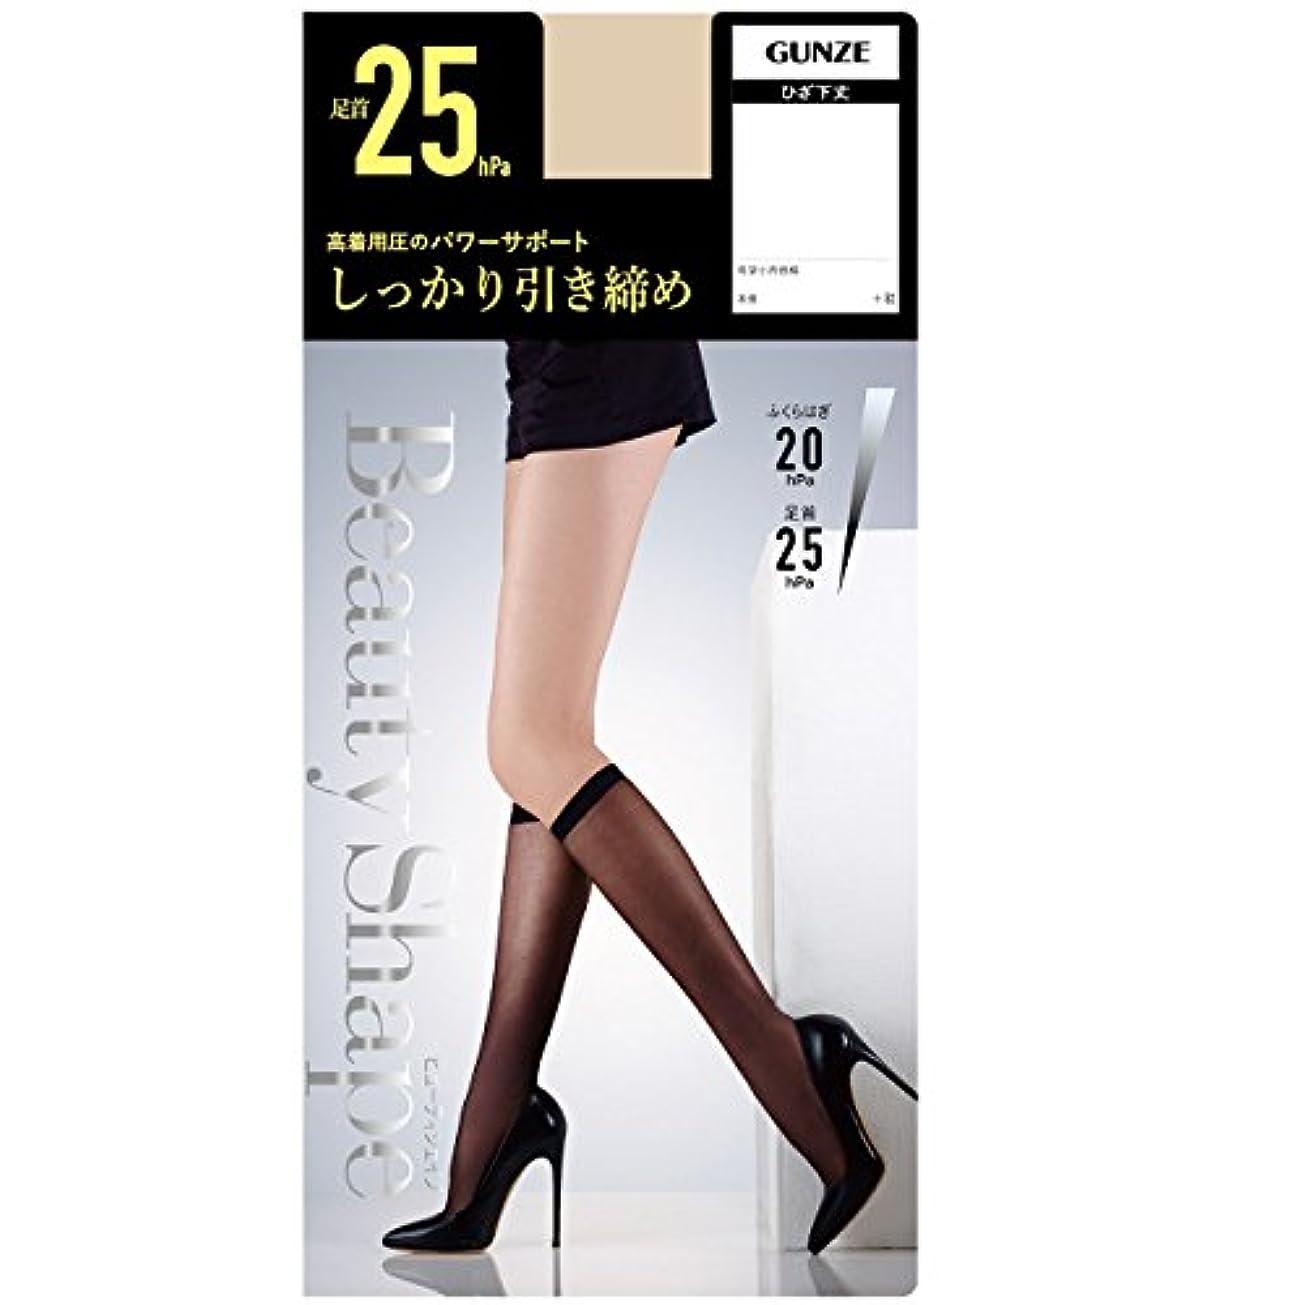 コモランマ工業化する効率的に(グンゼ )GUNZE (ビューティシェイプ)Beauty Shape 25hPa しっかり引き締め 着圧ショートストッキング (389)ナチュラルベージュ M EAS610